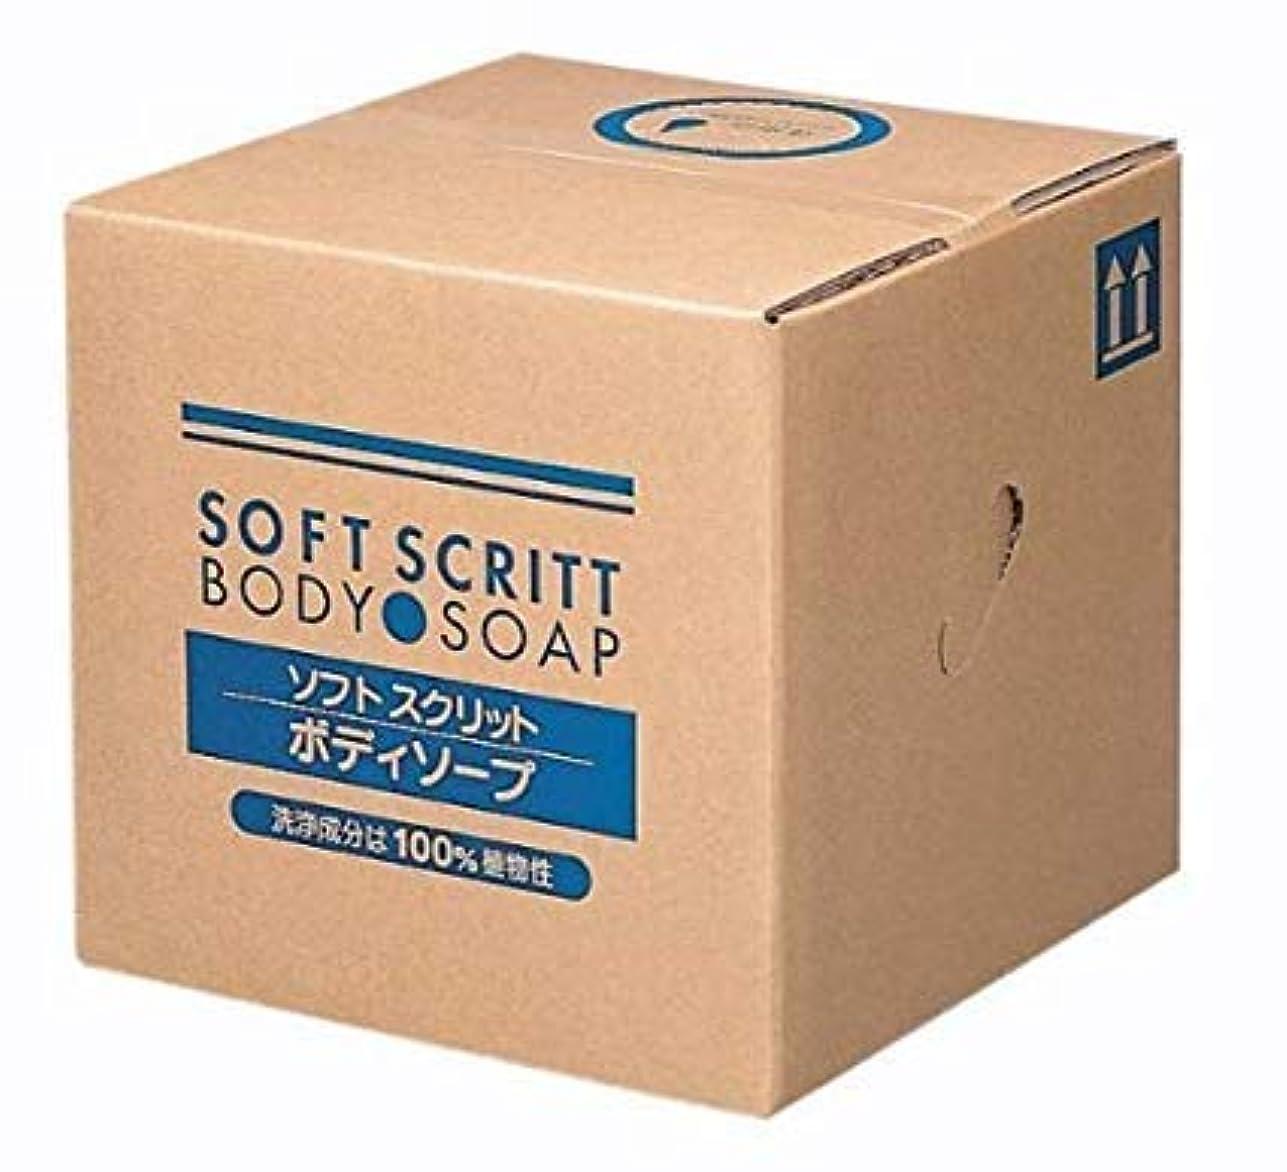 配列ためらうレーザ業務用 SOFT SCRITT(ソフト スクリット) ボディソープ 18L 熊野油脂 コック無し